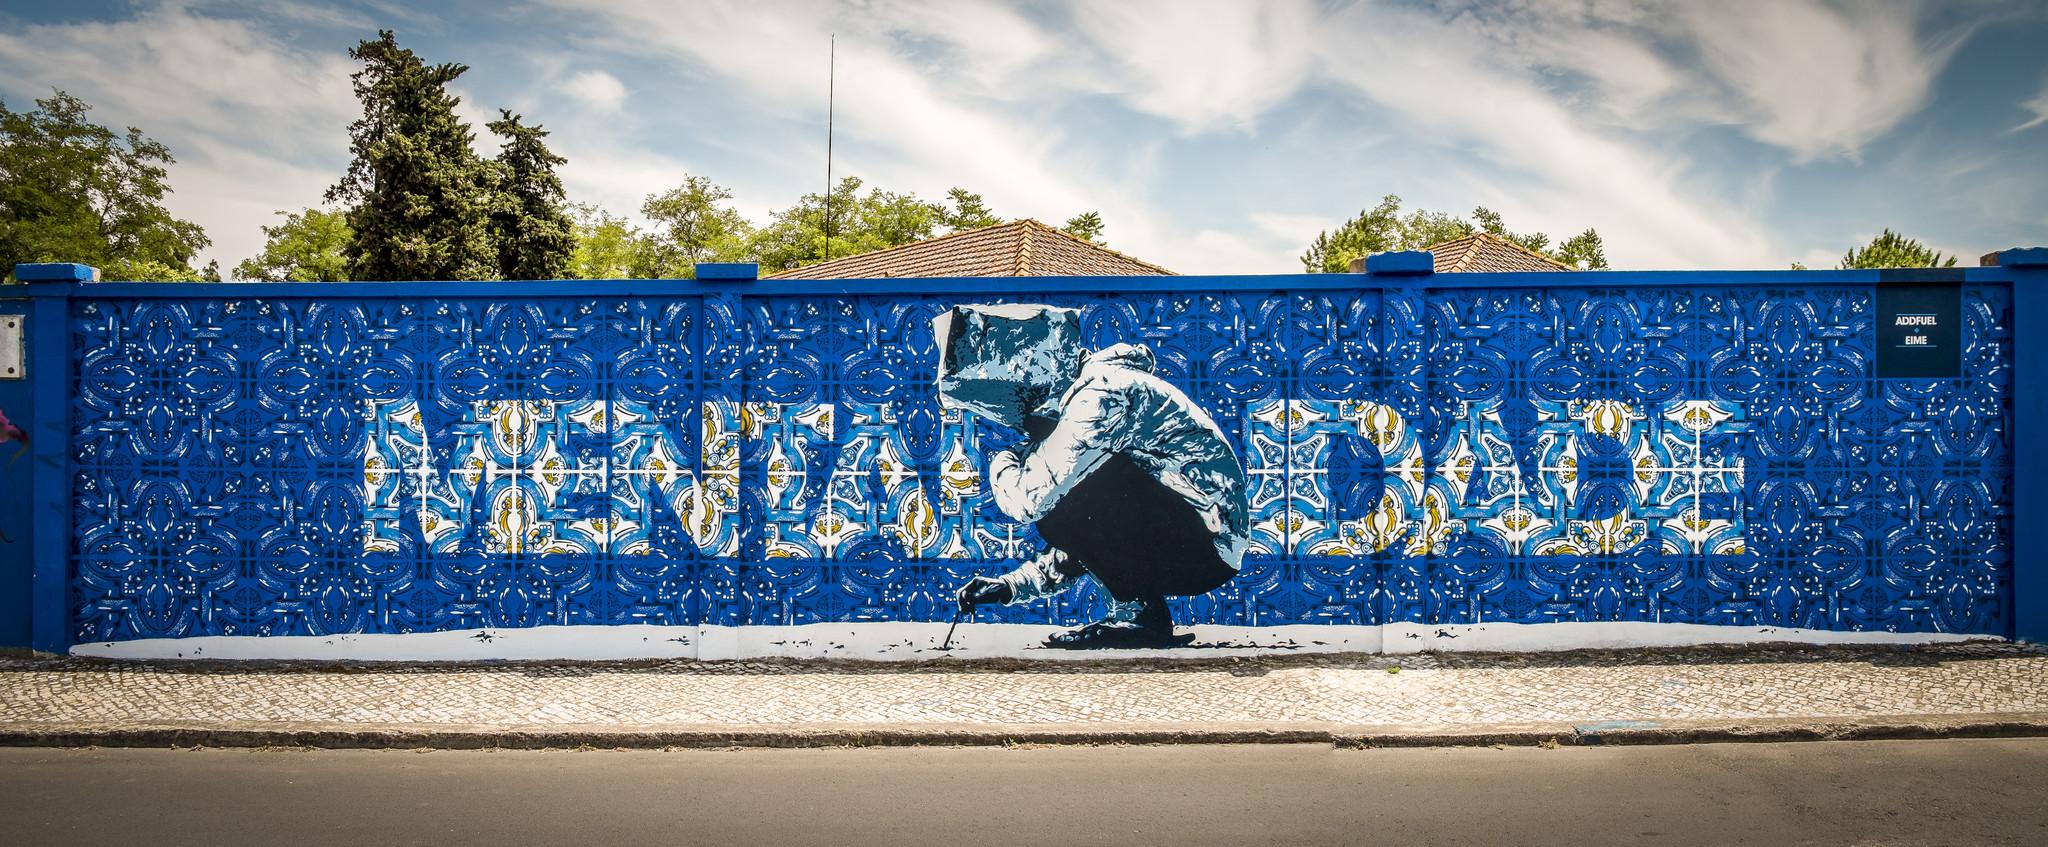 Um festival de arte urbana para derrubar os muros da cidade